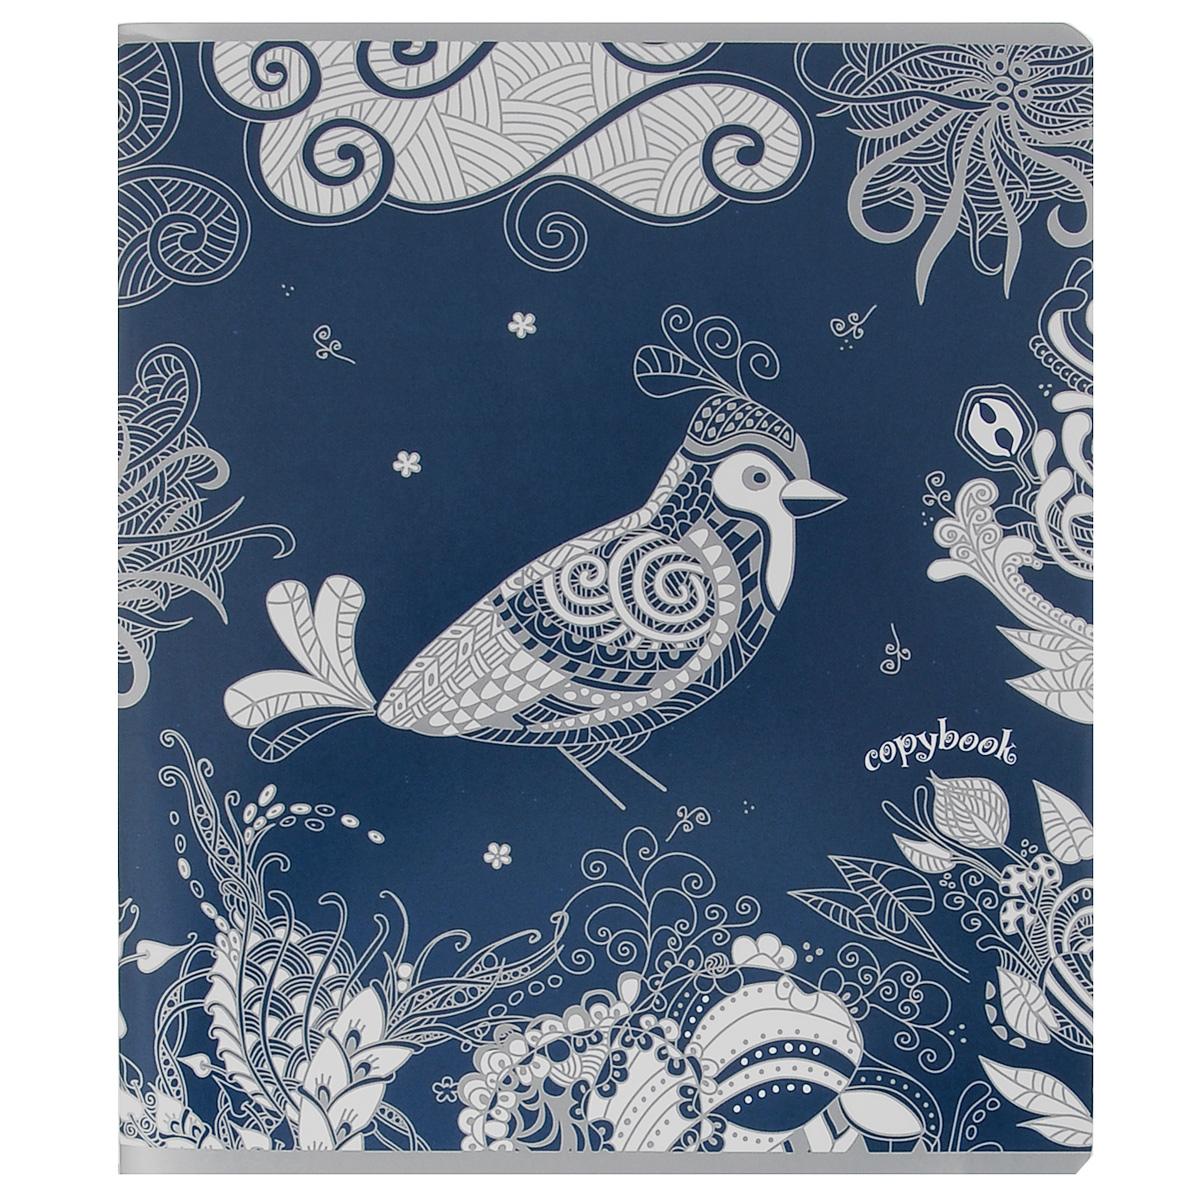 Тетрадь Сказочные птицы, цвет: синий, белый, 96 листов. 37603_137603_1Тетрадь Сказочные птицы прекрасно подойдет как студенту, так и школьнику. Обложка тетради с закругленными углами выполнена из плотной бумаги и оформлена изображением волшебной птички. Внутренний блок состоит из 96 листов белой бумаги. Стандартная линовка в клетку дополнена полями, совпадающими с лицевой и оборотной стороны листа.